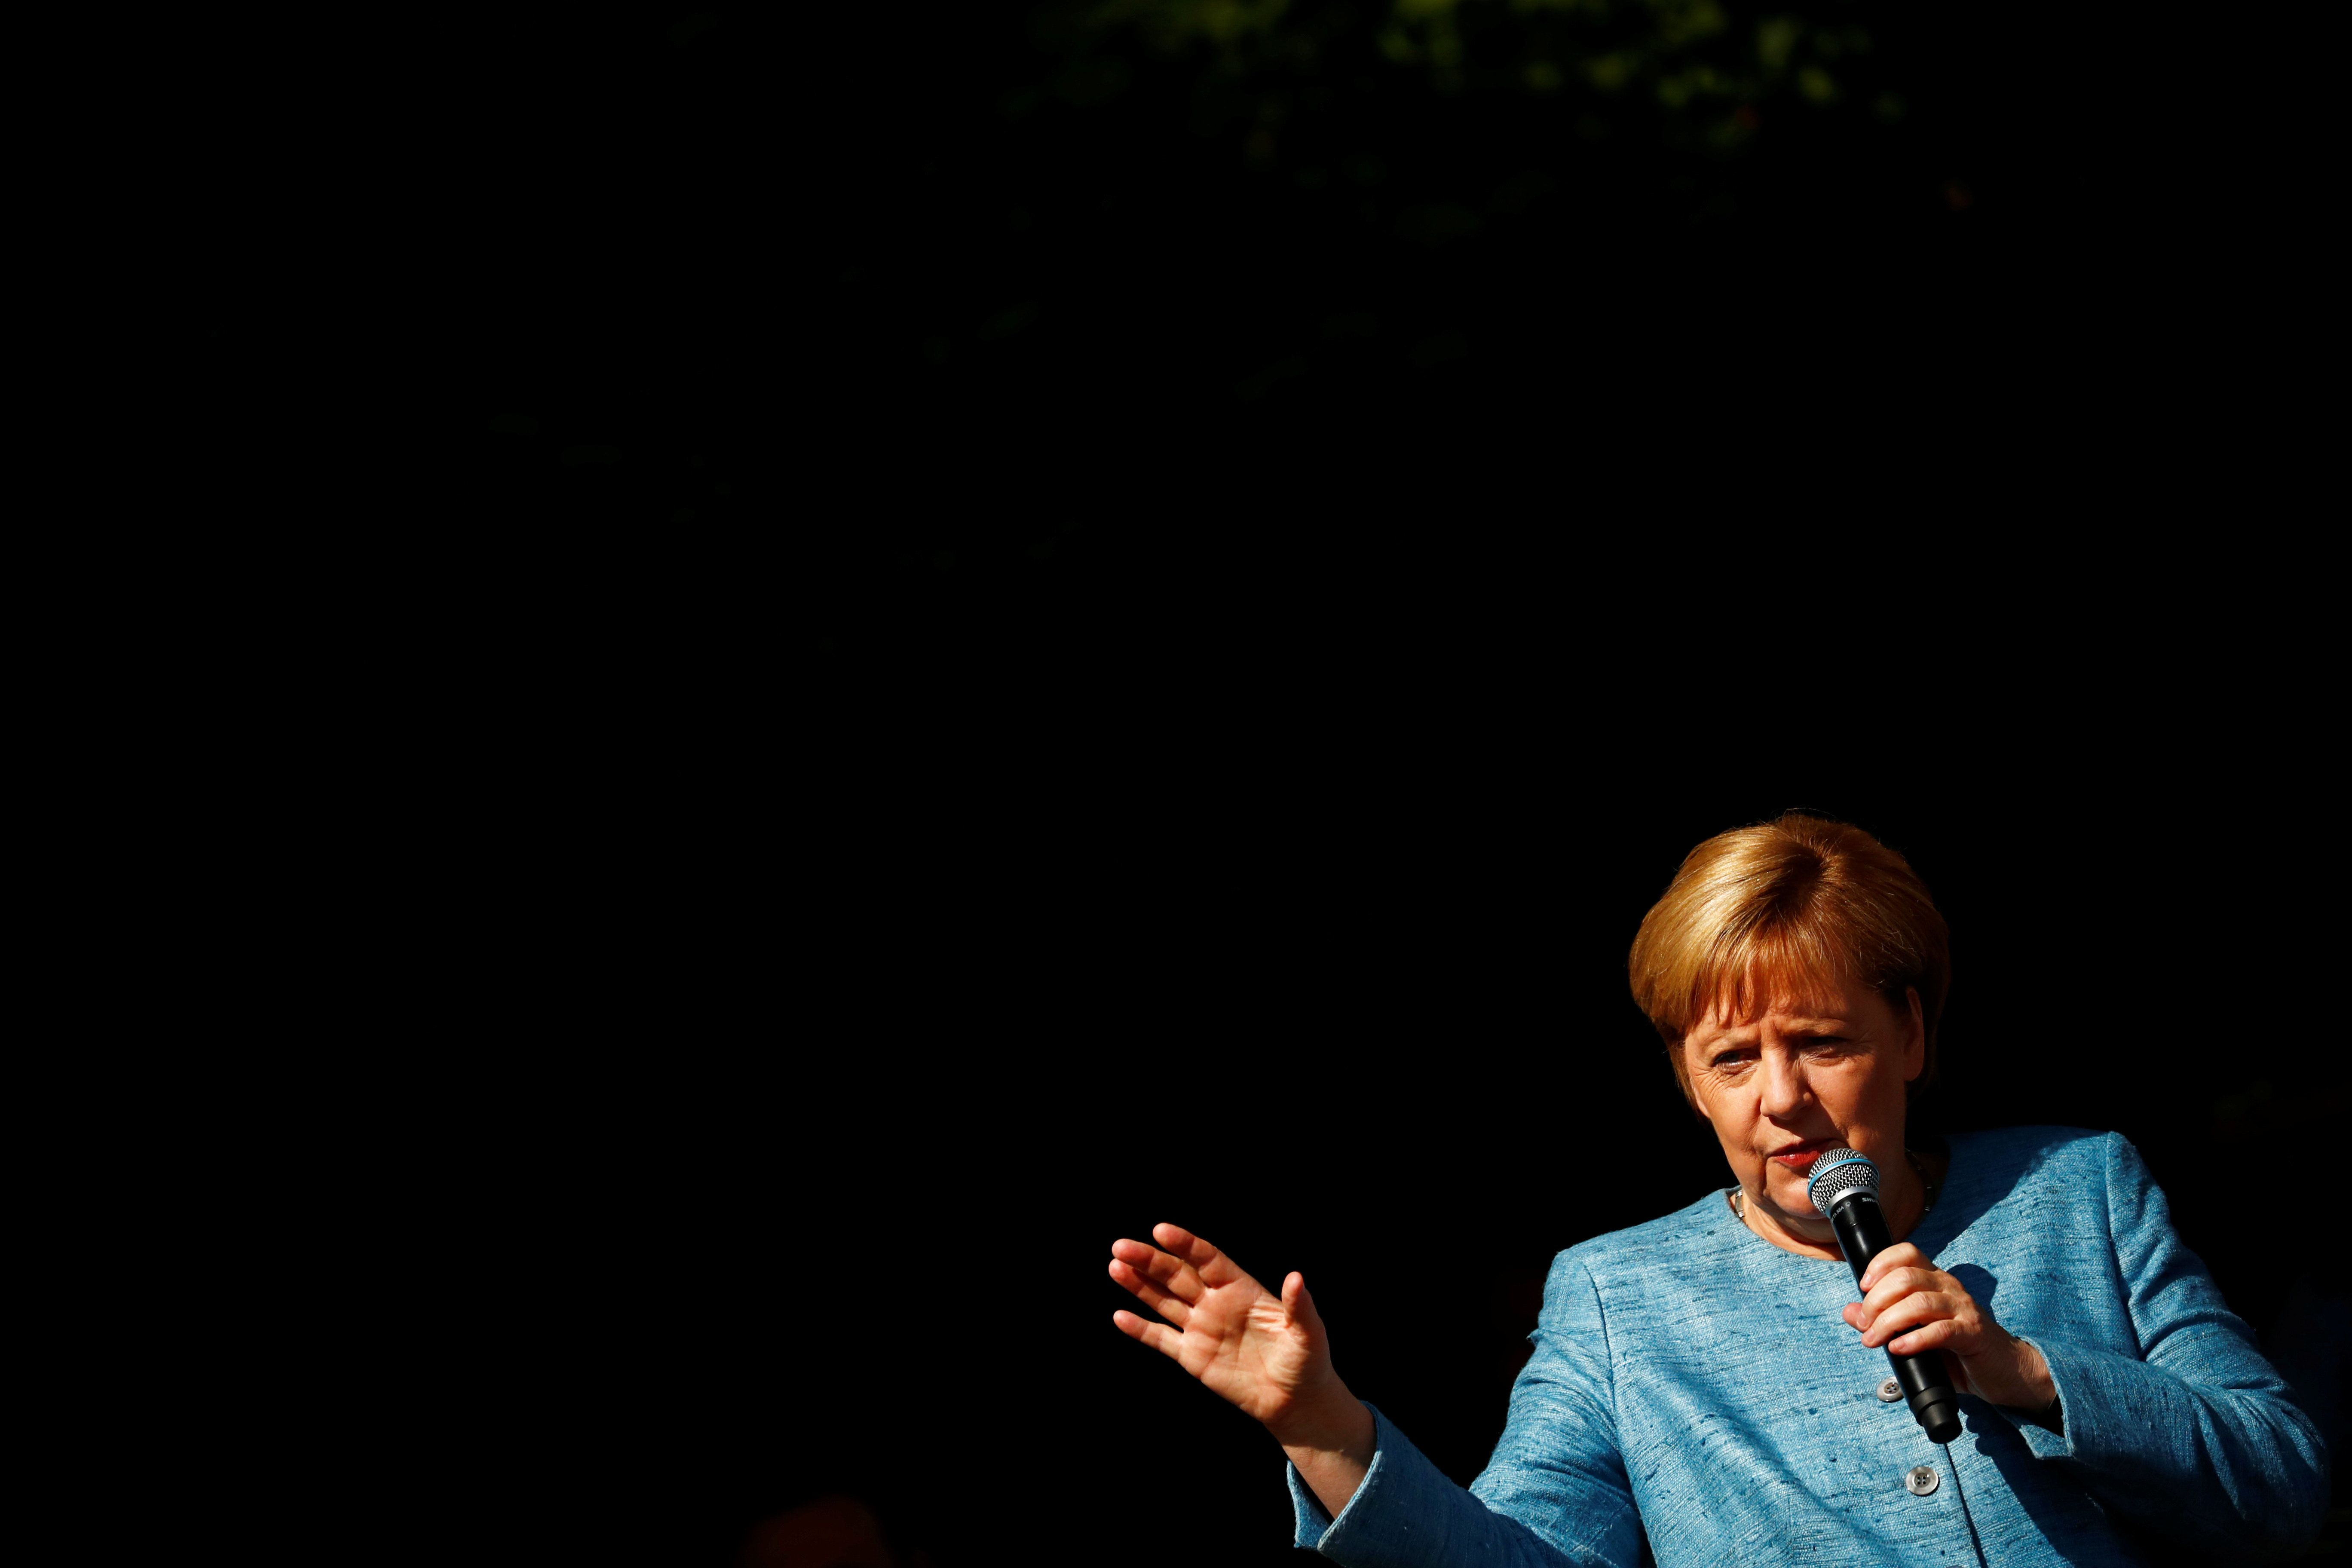 Merkel äußert sich zu Hetzjagd-Videos aus Chemnitz